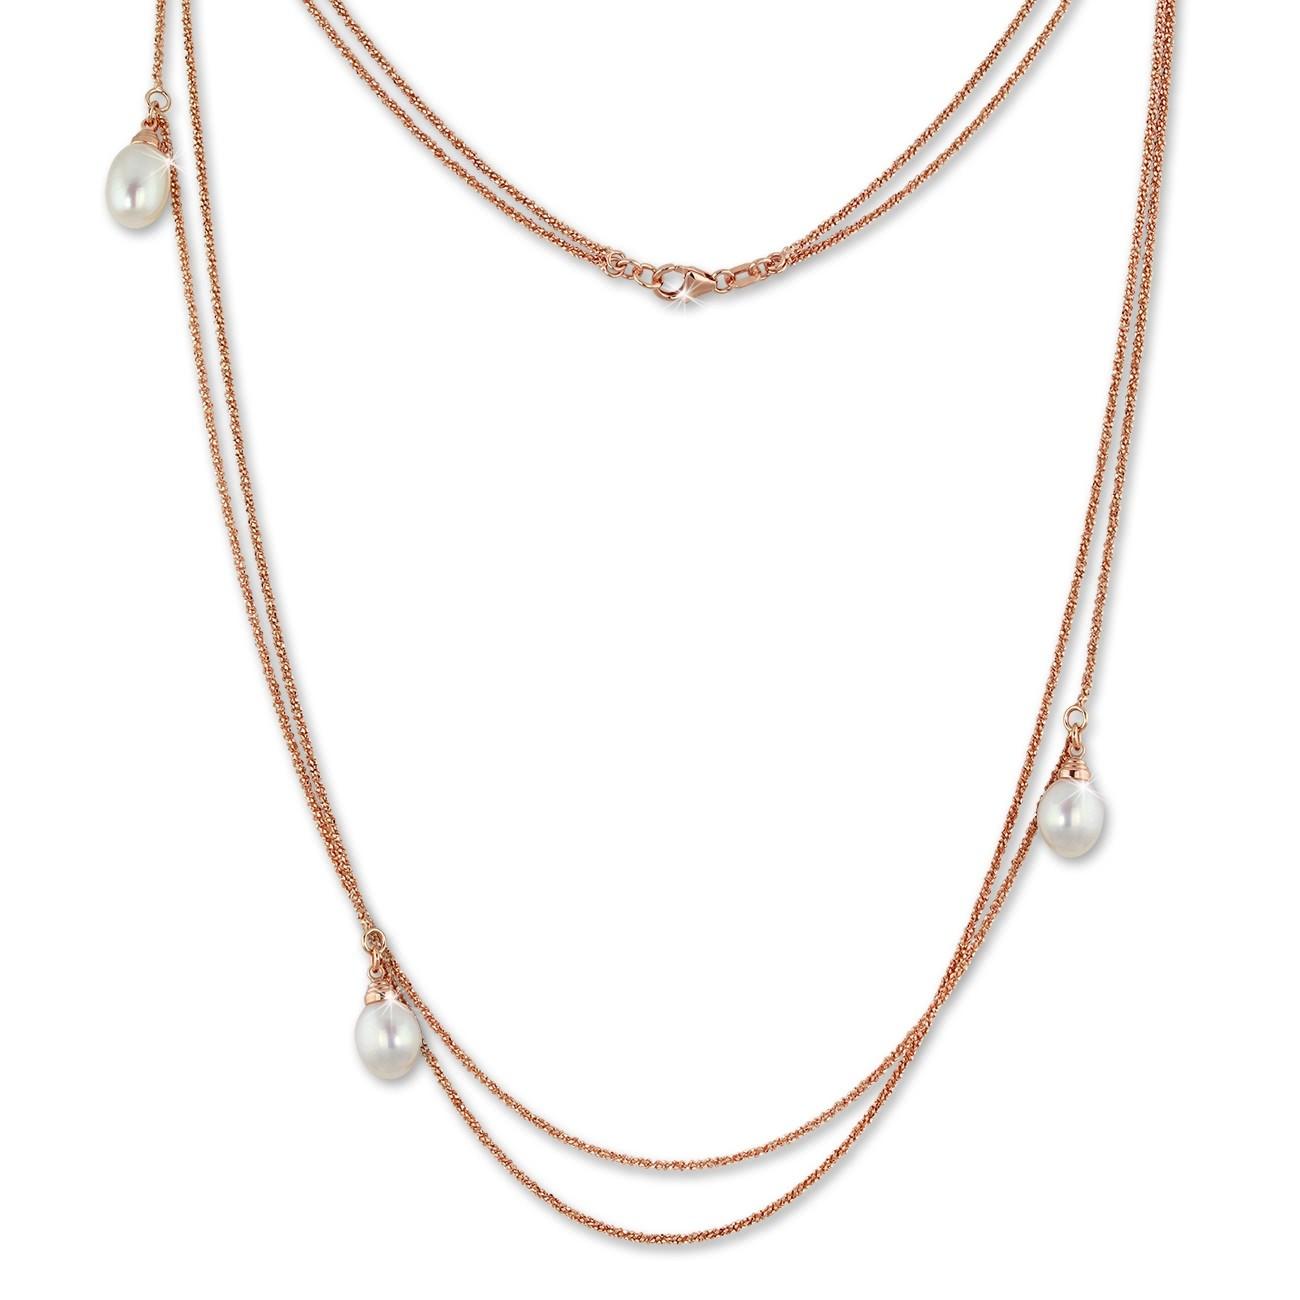 SilberDream Collier Doppel Kette Perlen rose vergoldet 925 Silber 90cm SDK2369E